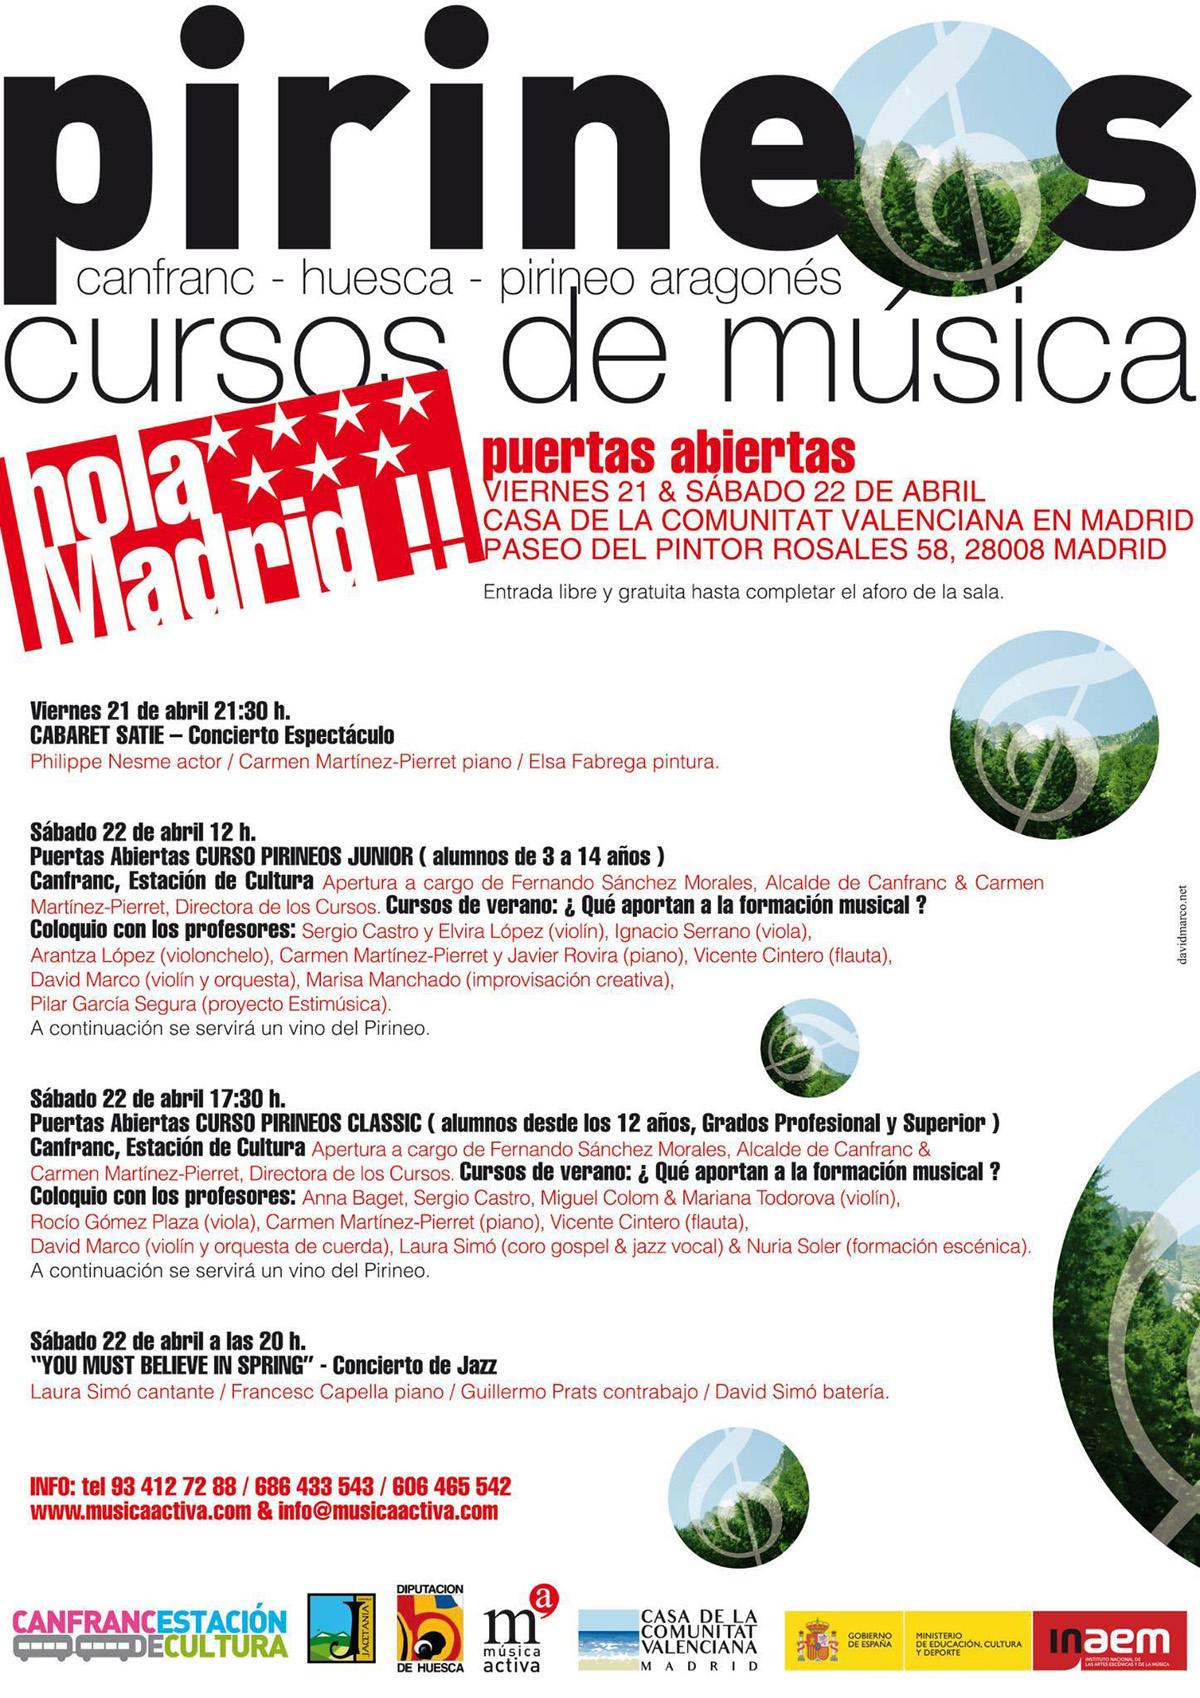 FIN DE SEMANA DE PUERTAS ABIERTAS EN MADRID Fechas: 21 & 22 de abril de 2017 Sede:Casa de la Comunidad Valenciana – Salón de Actos Paseo del Pintor Rosales 58 / 28008 Madrid